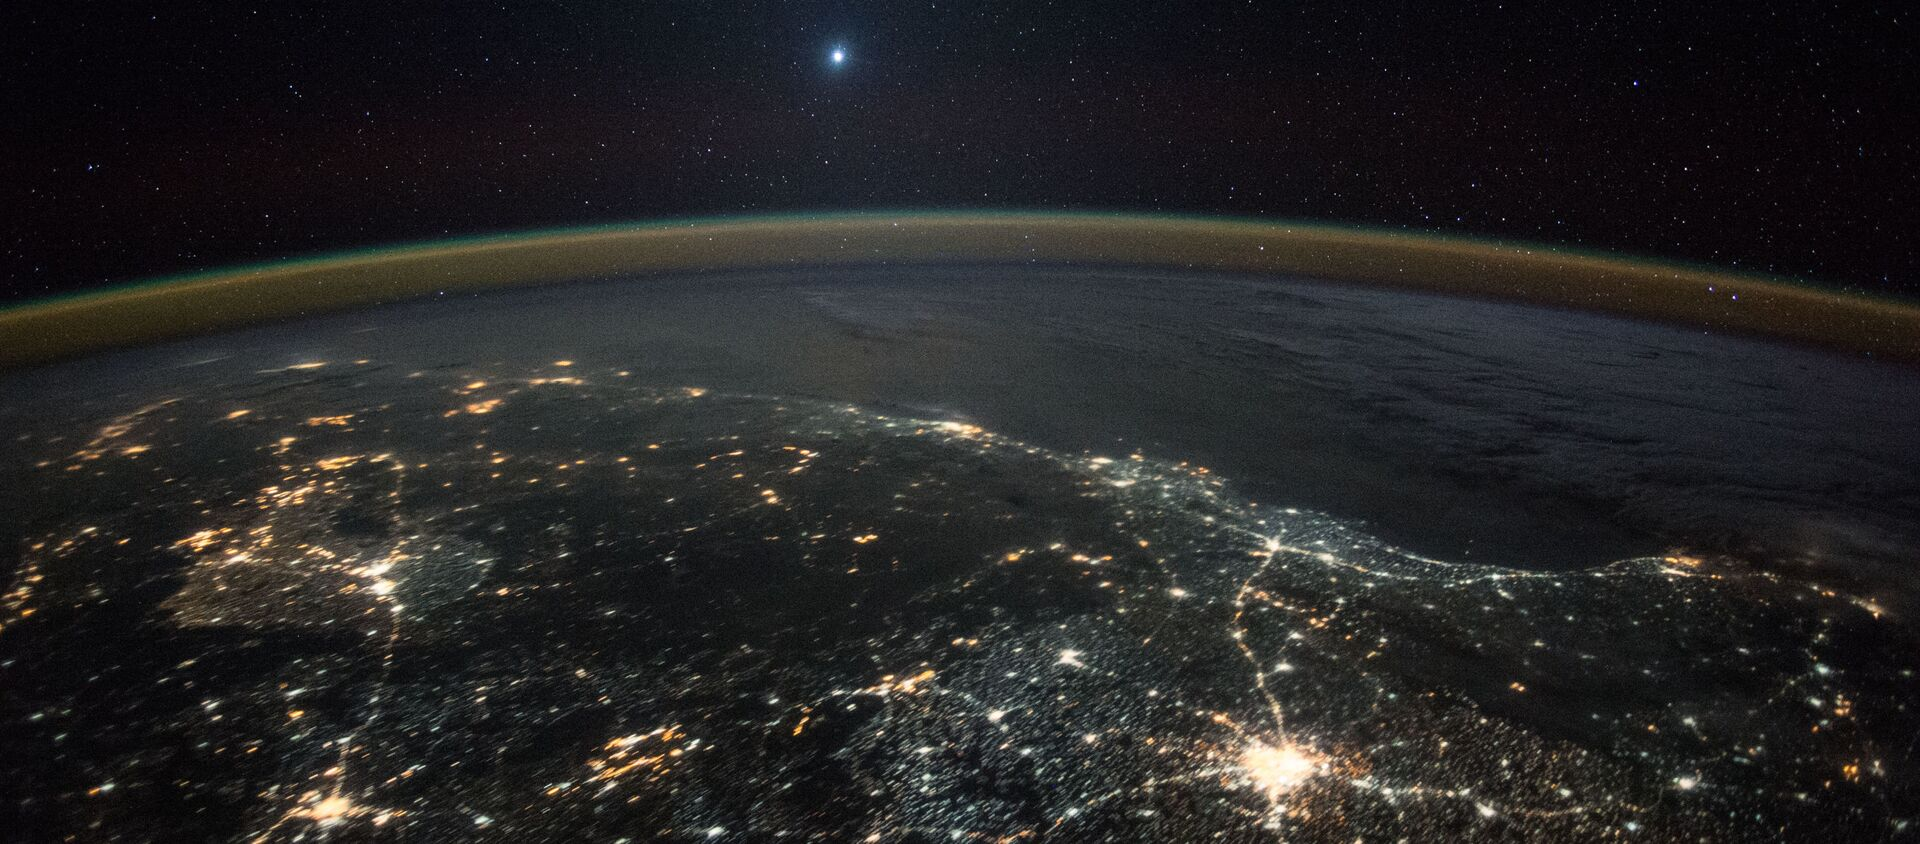 Hình ảnh sao Kim trên nền ánh đèn đêm của Trái đất, chụp từ Trạm vũ trụ quốc tế ISS - Sputnik Việt Nam, 1920, 09.04.2021